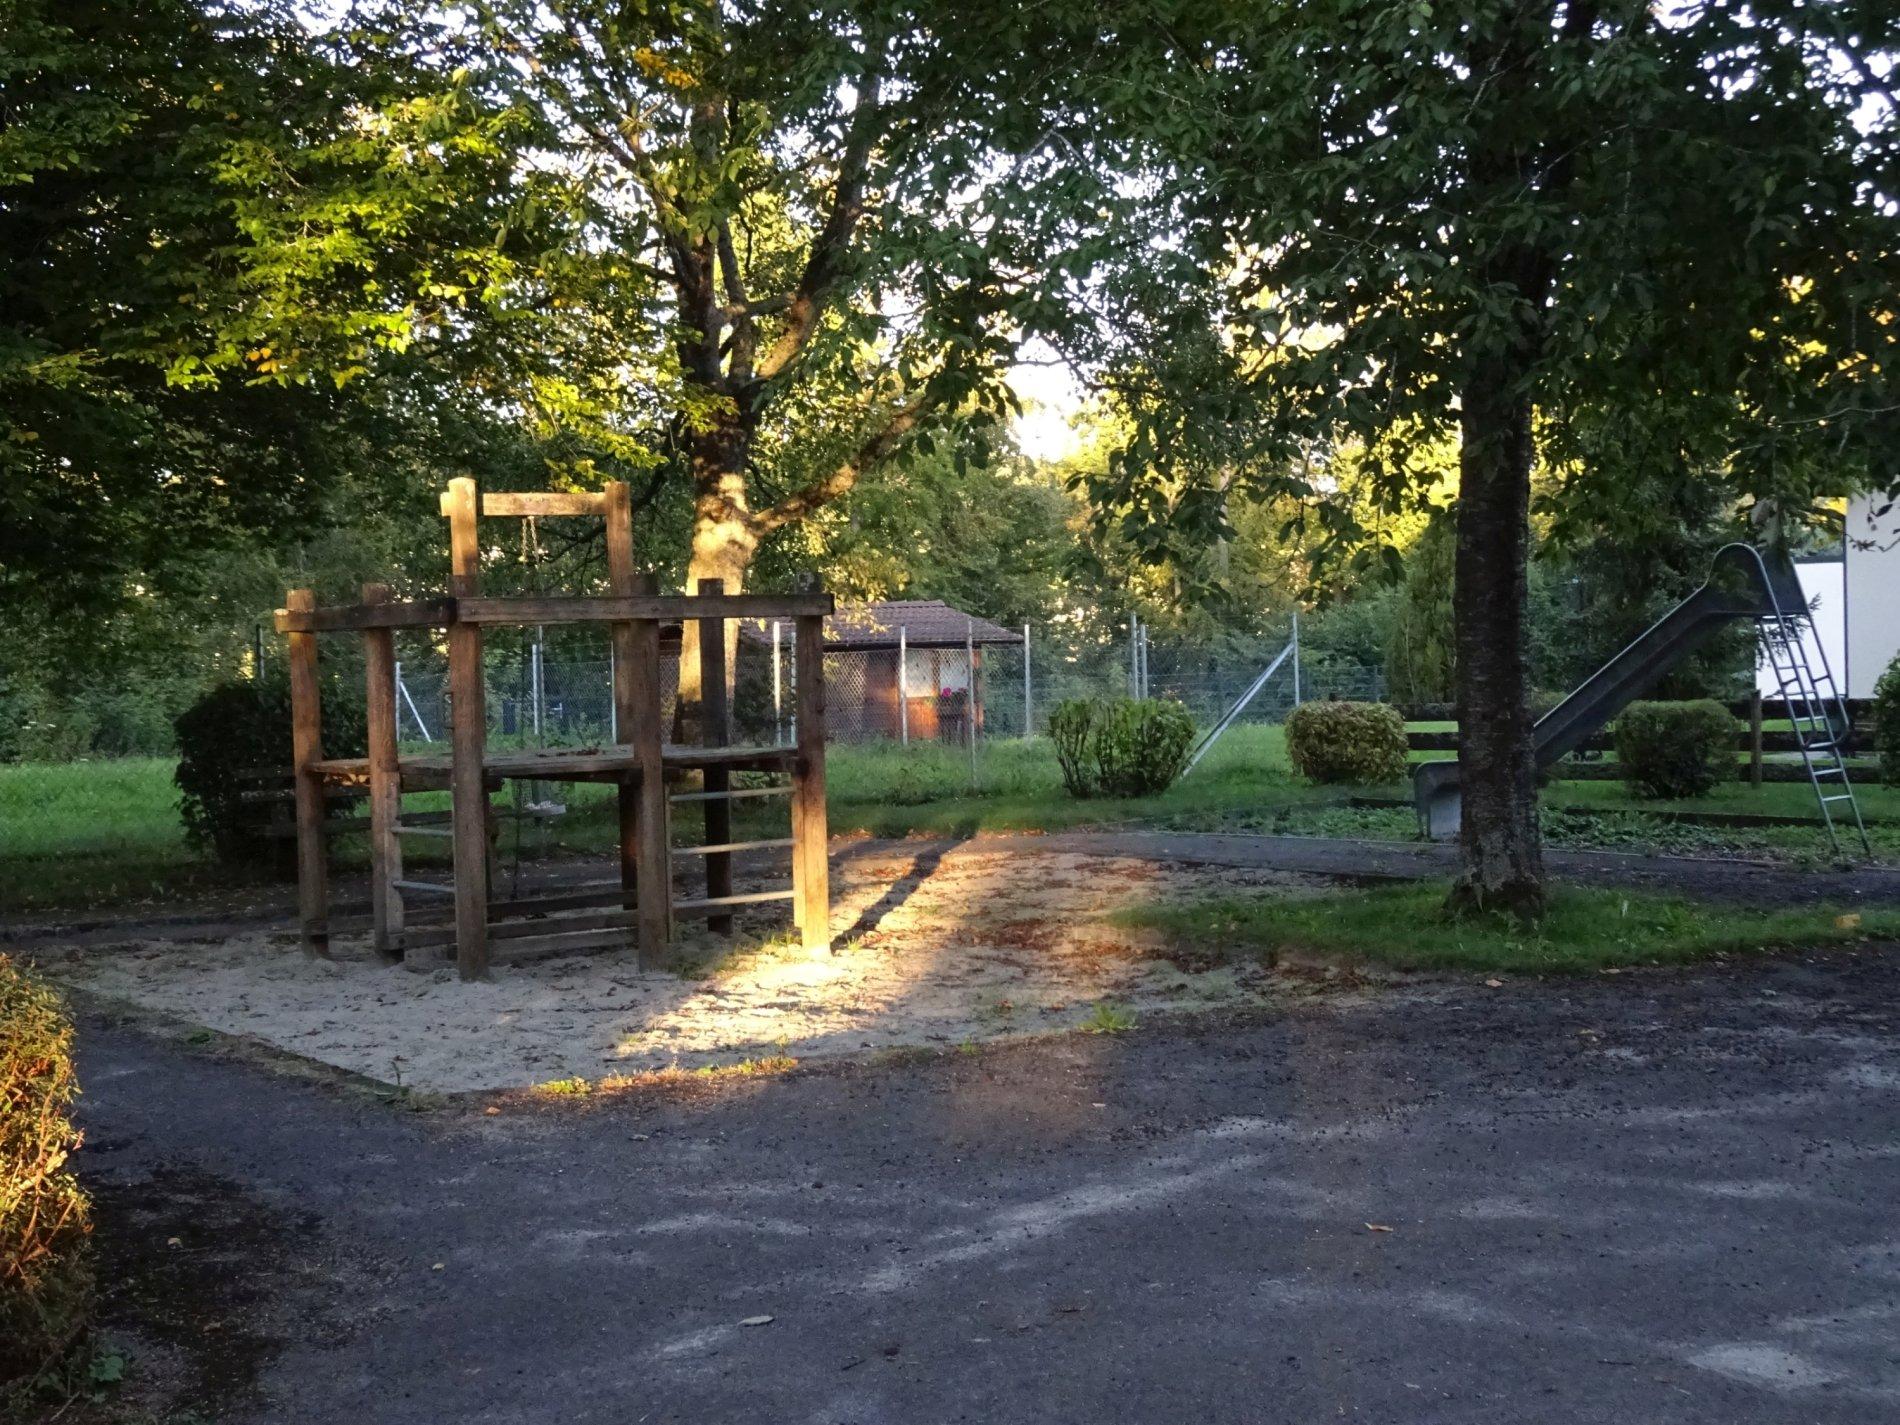 Spielplatz Dreherstraße-Viel Platz zum Spielen!